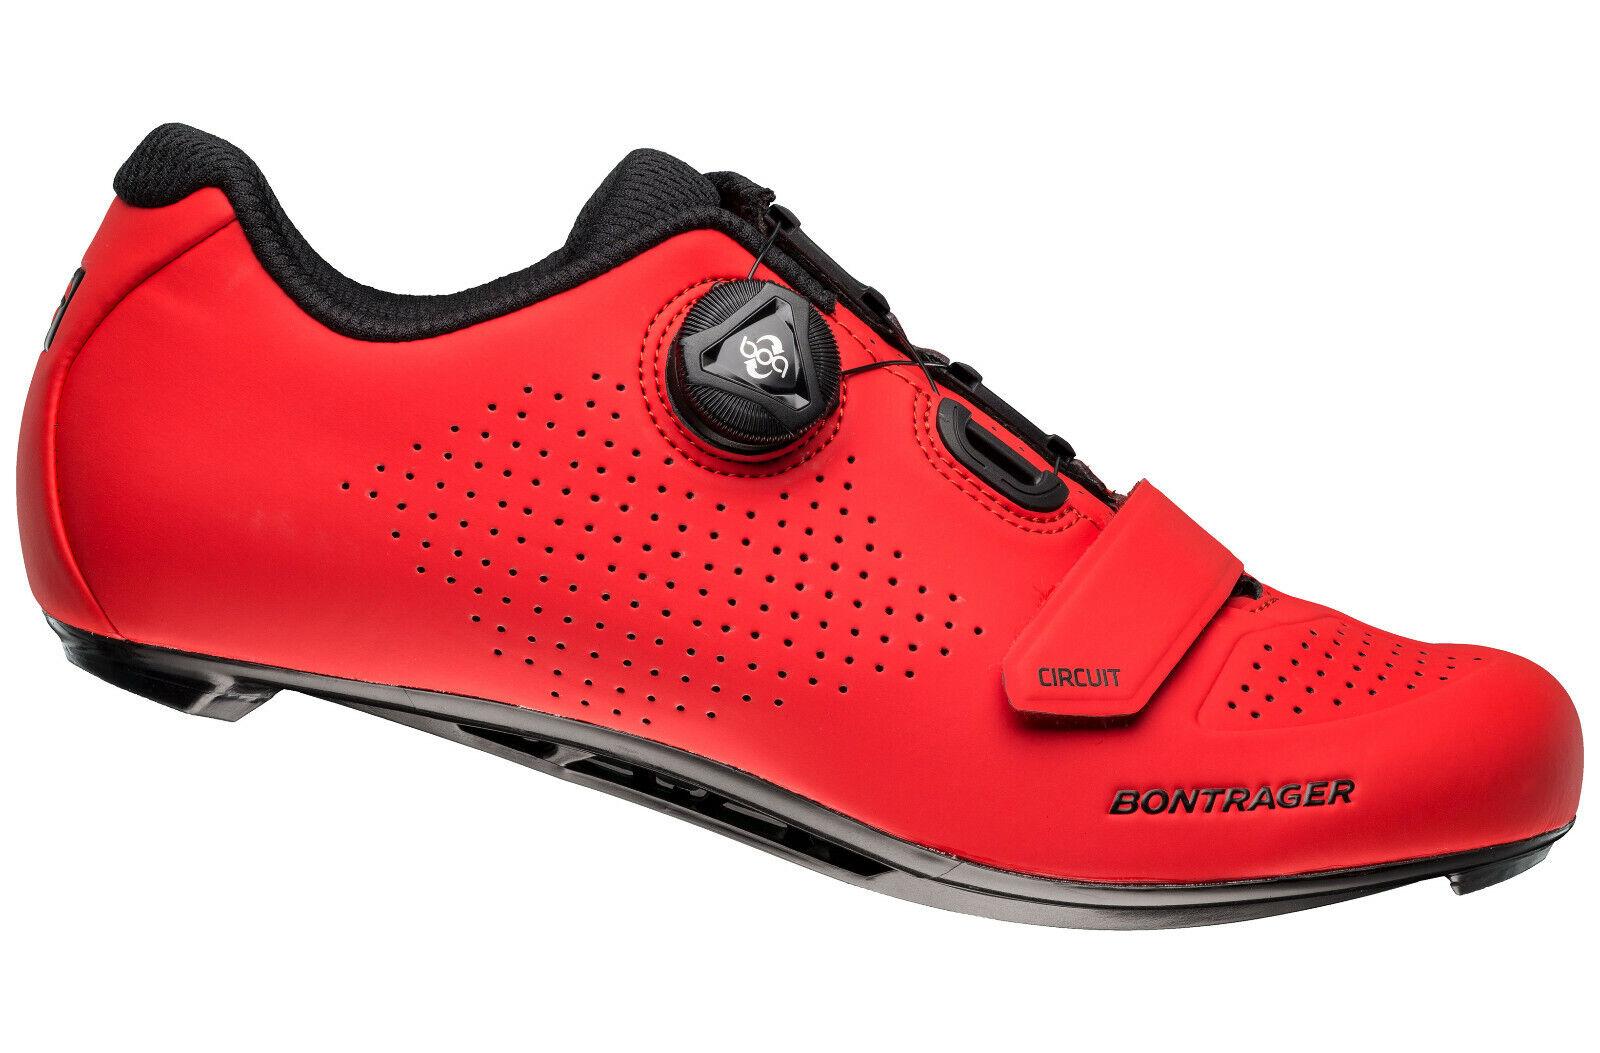 Zapatos Ciclismo Bontrager Circuit Road zapatos Color Rojo